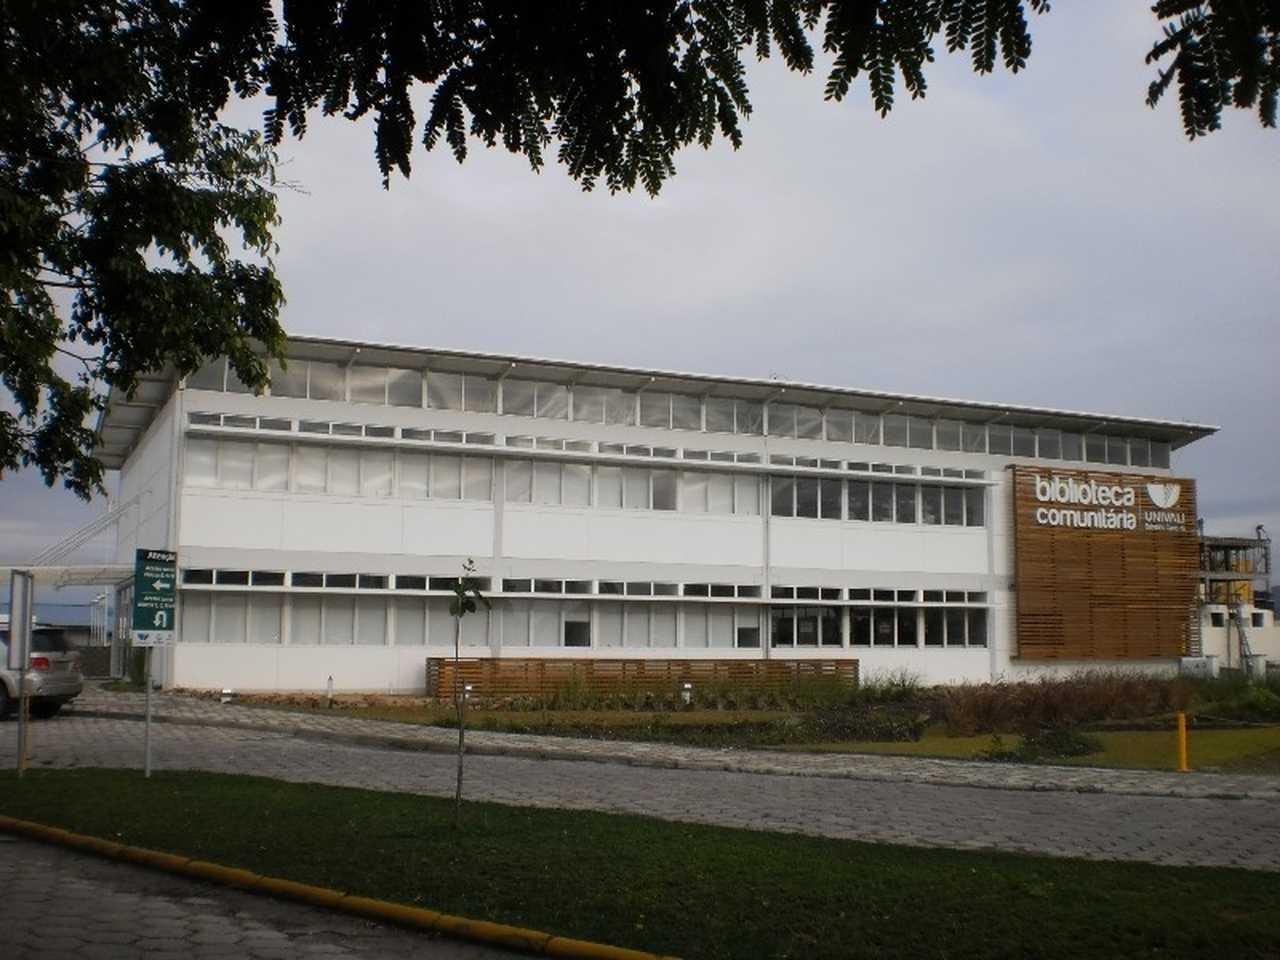 univali-campus-balneario-camboriu